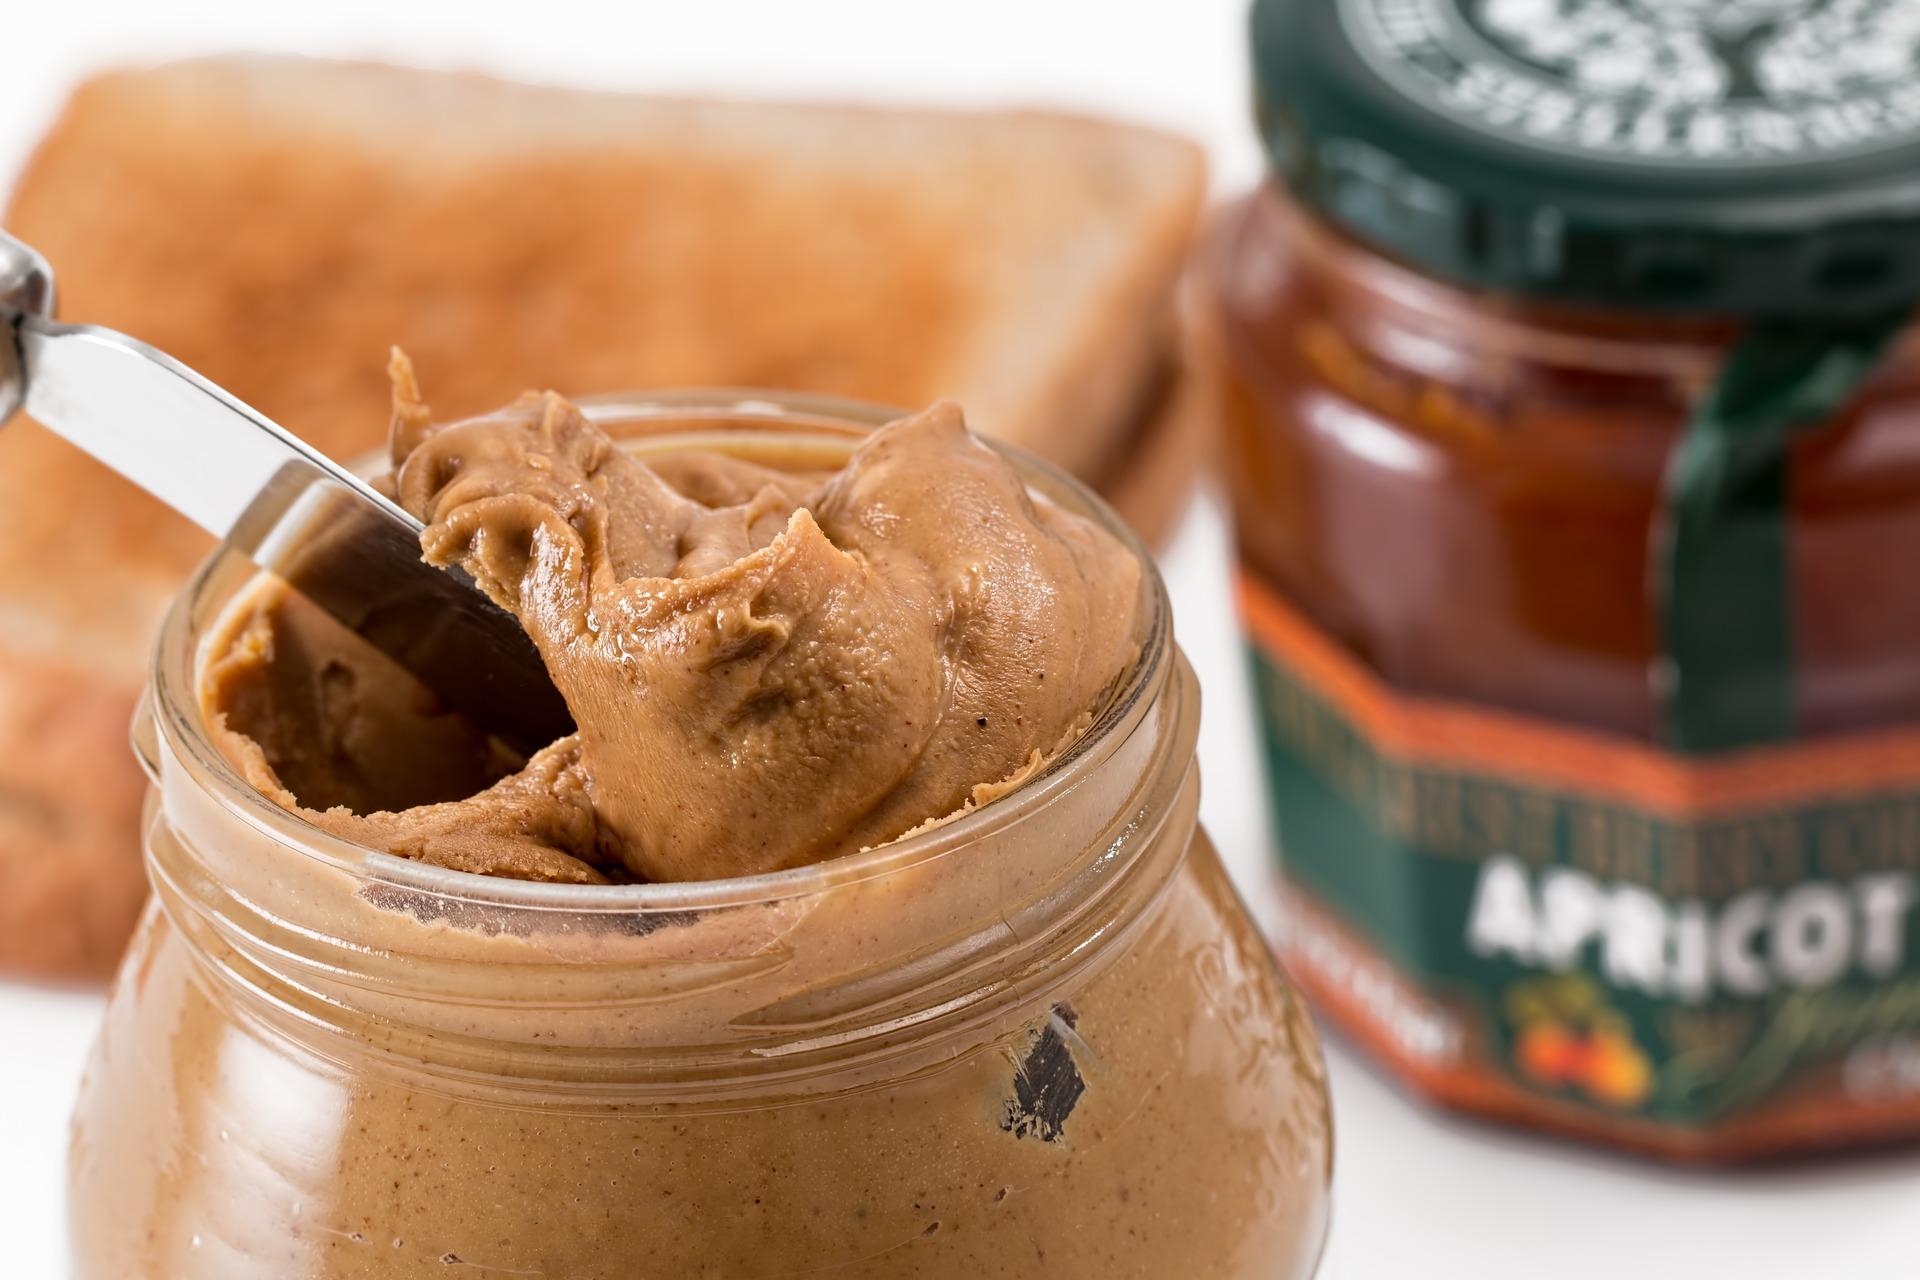 peanut-butter-3216263_1920